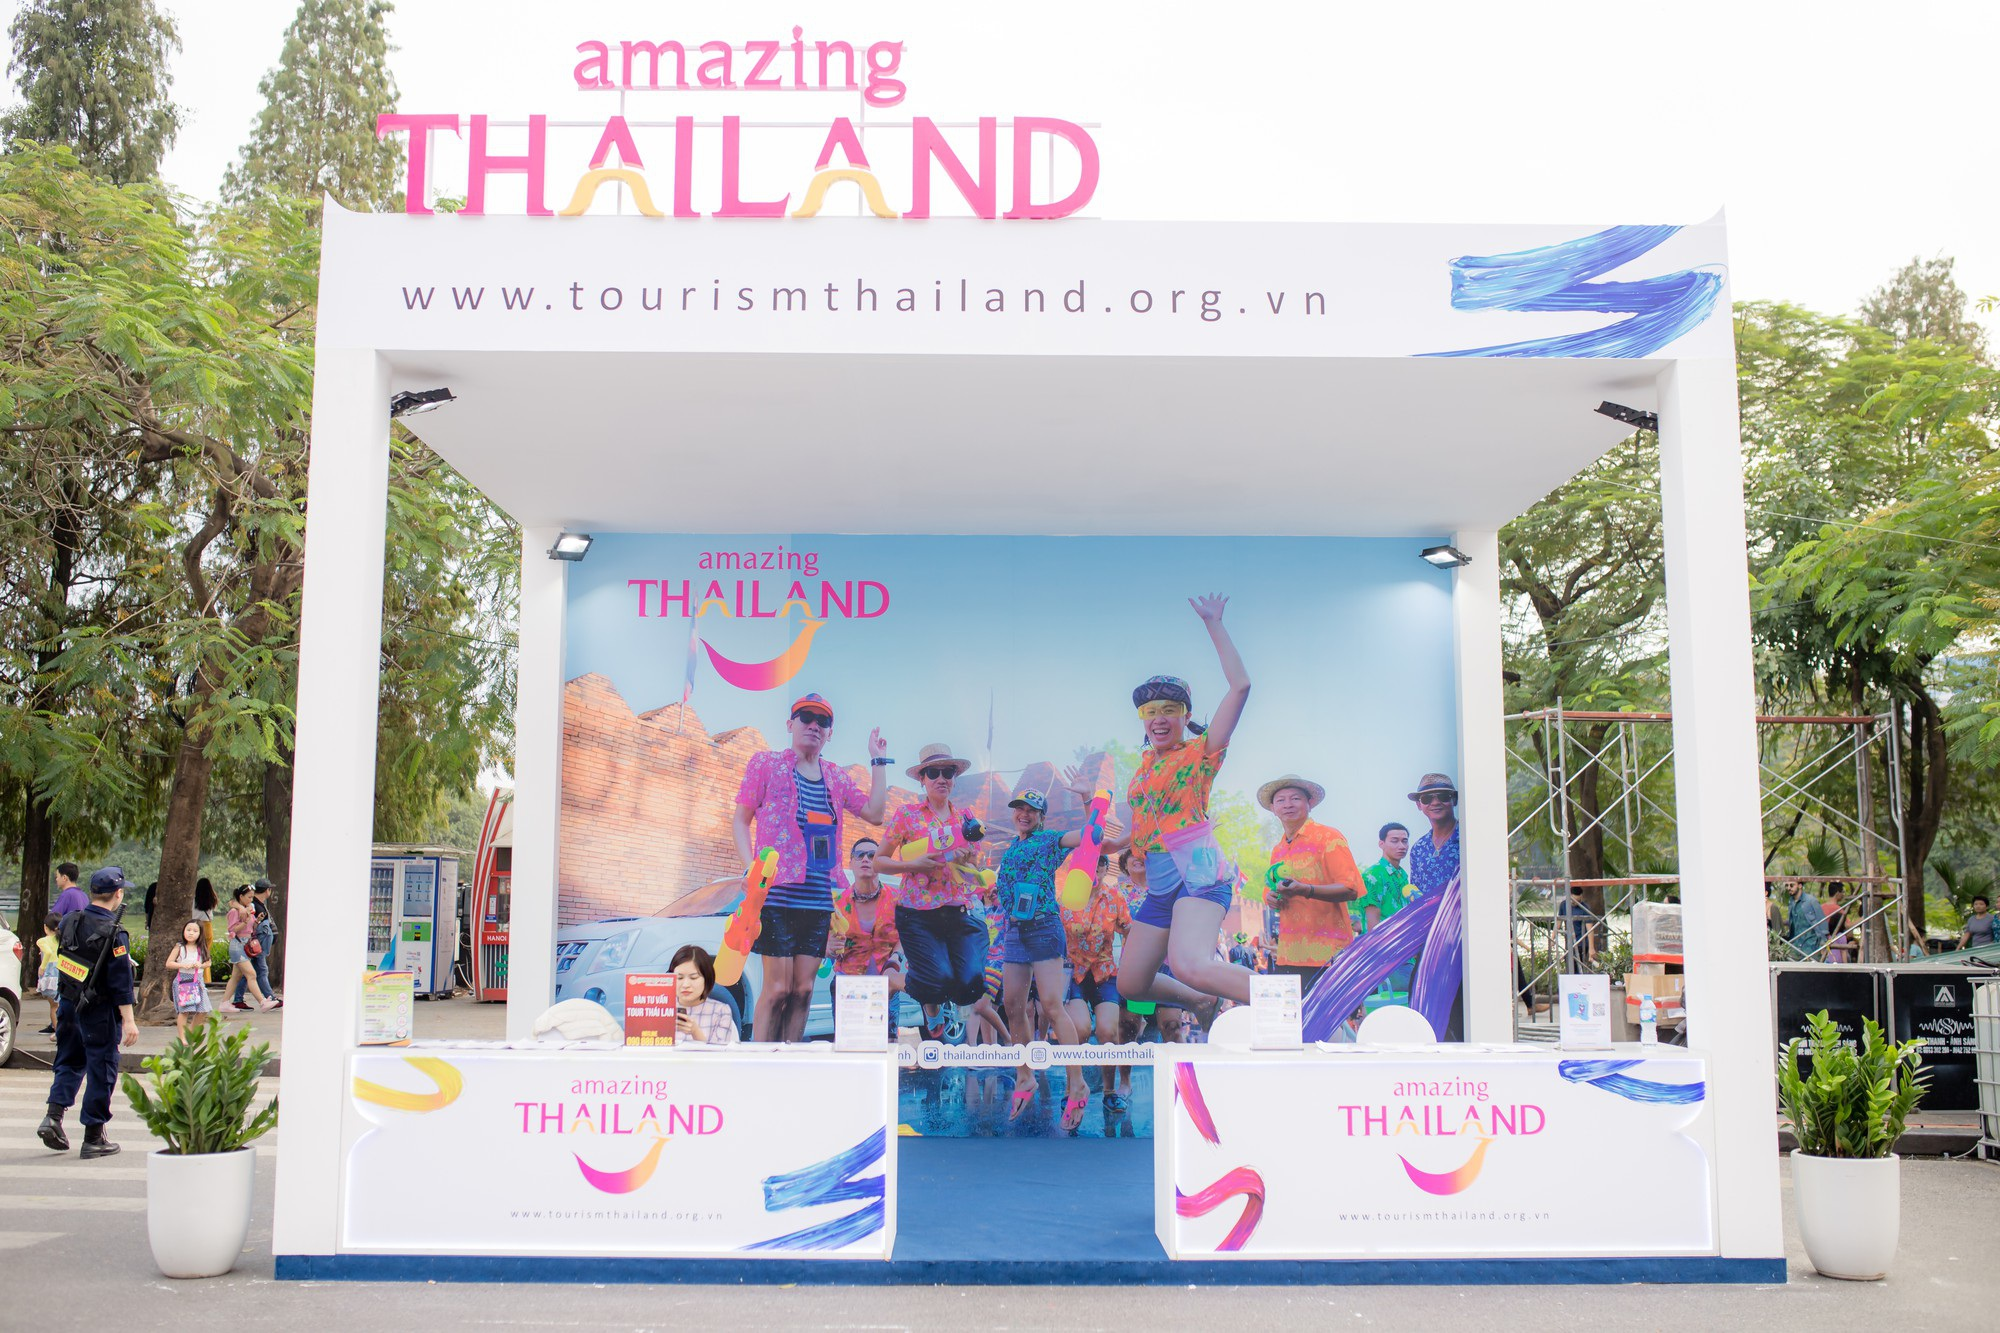 Thái Lan đẩy mạnh quảng bá du lịch, chào đón du khách Việt Nam thứ 1 triệu - Ảnh 2.